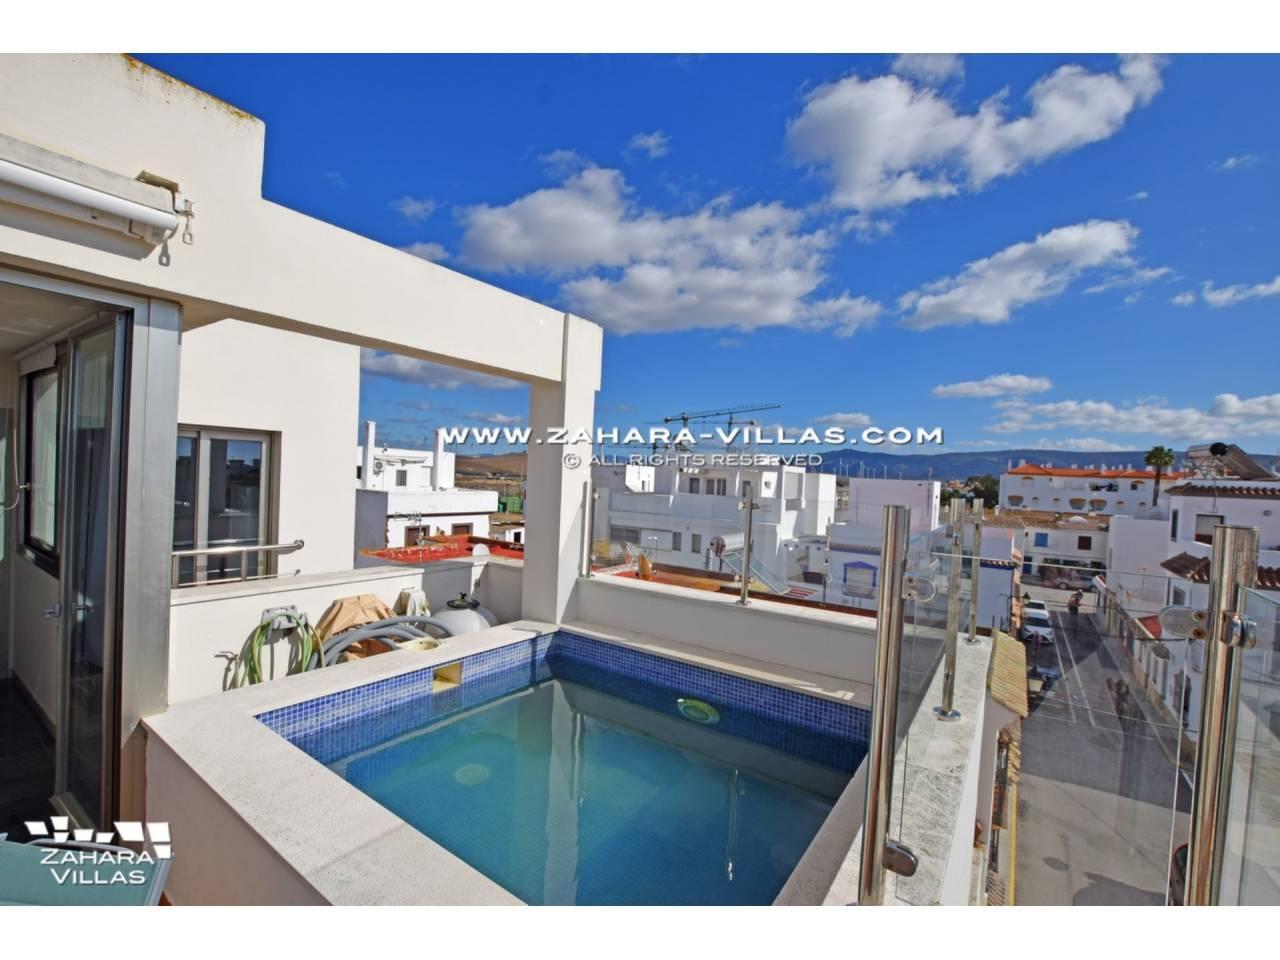 Imagen 4 de House for sale in Zahara de los Atunes